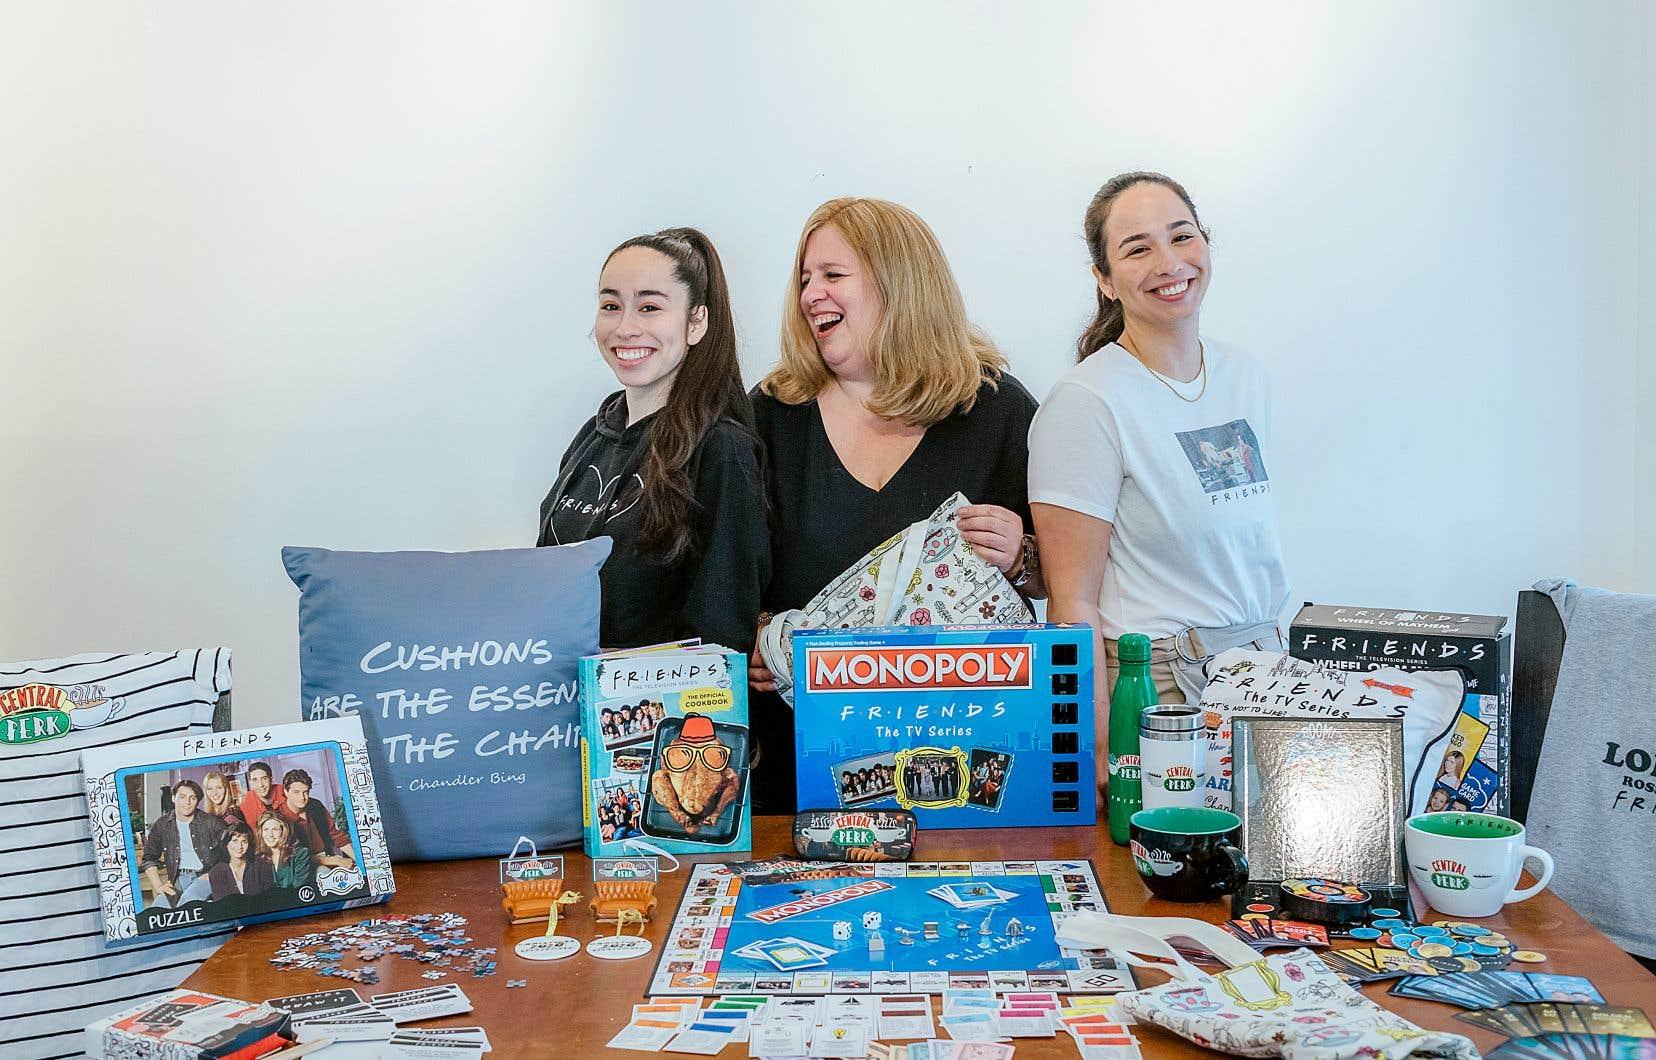 Nathalie Huot et ses deux filles, Alicia et Victoria, toutes trois inconditionnelles de la série Friends, avec une partie de leur collection de produits dérivés de la série: tasses, chandails, livres de cuisine, ou jeux de société.